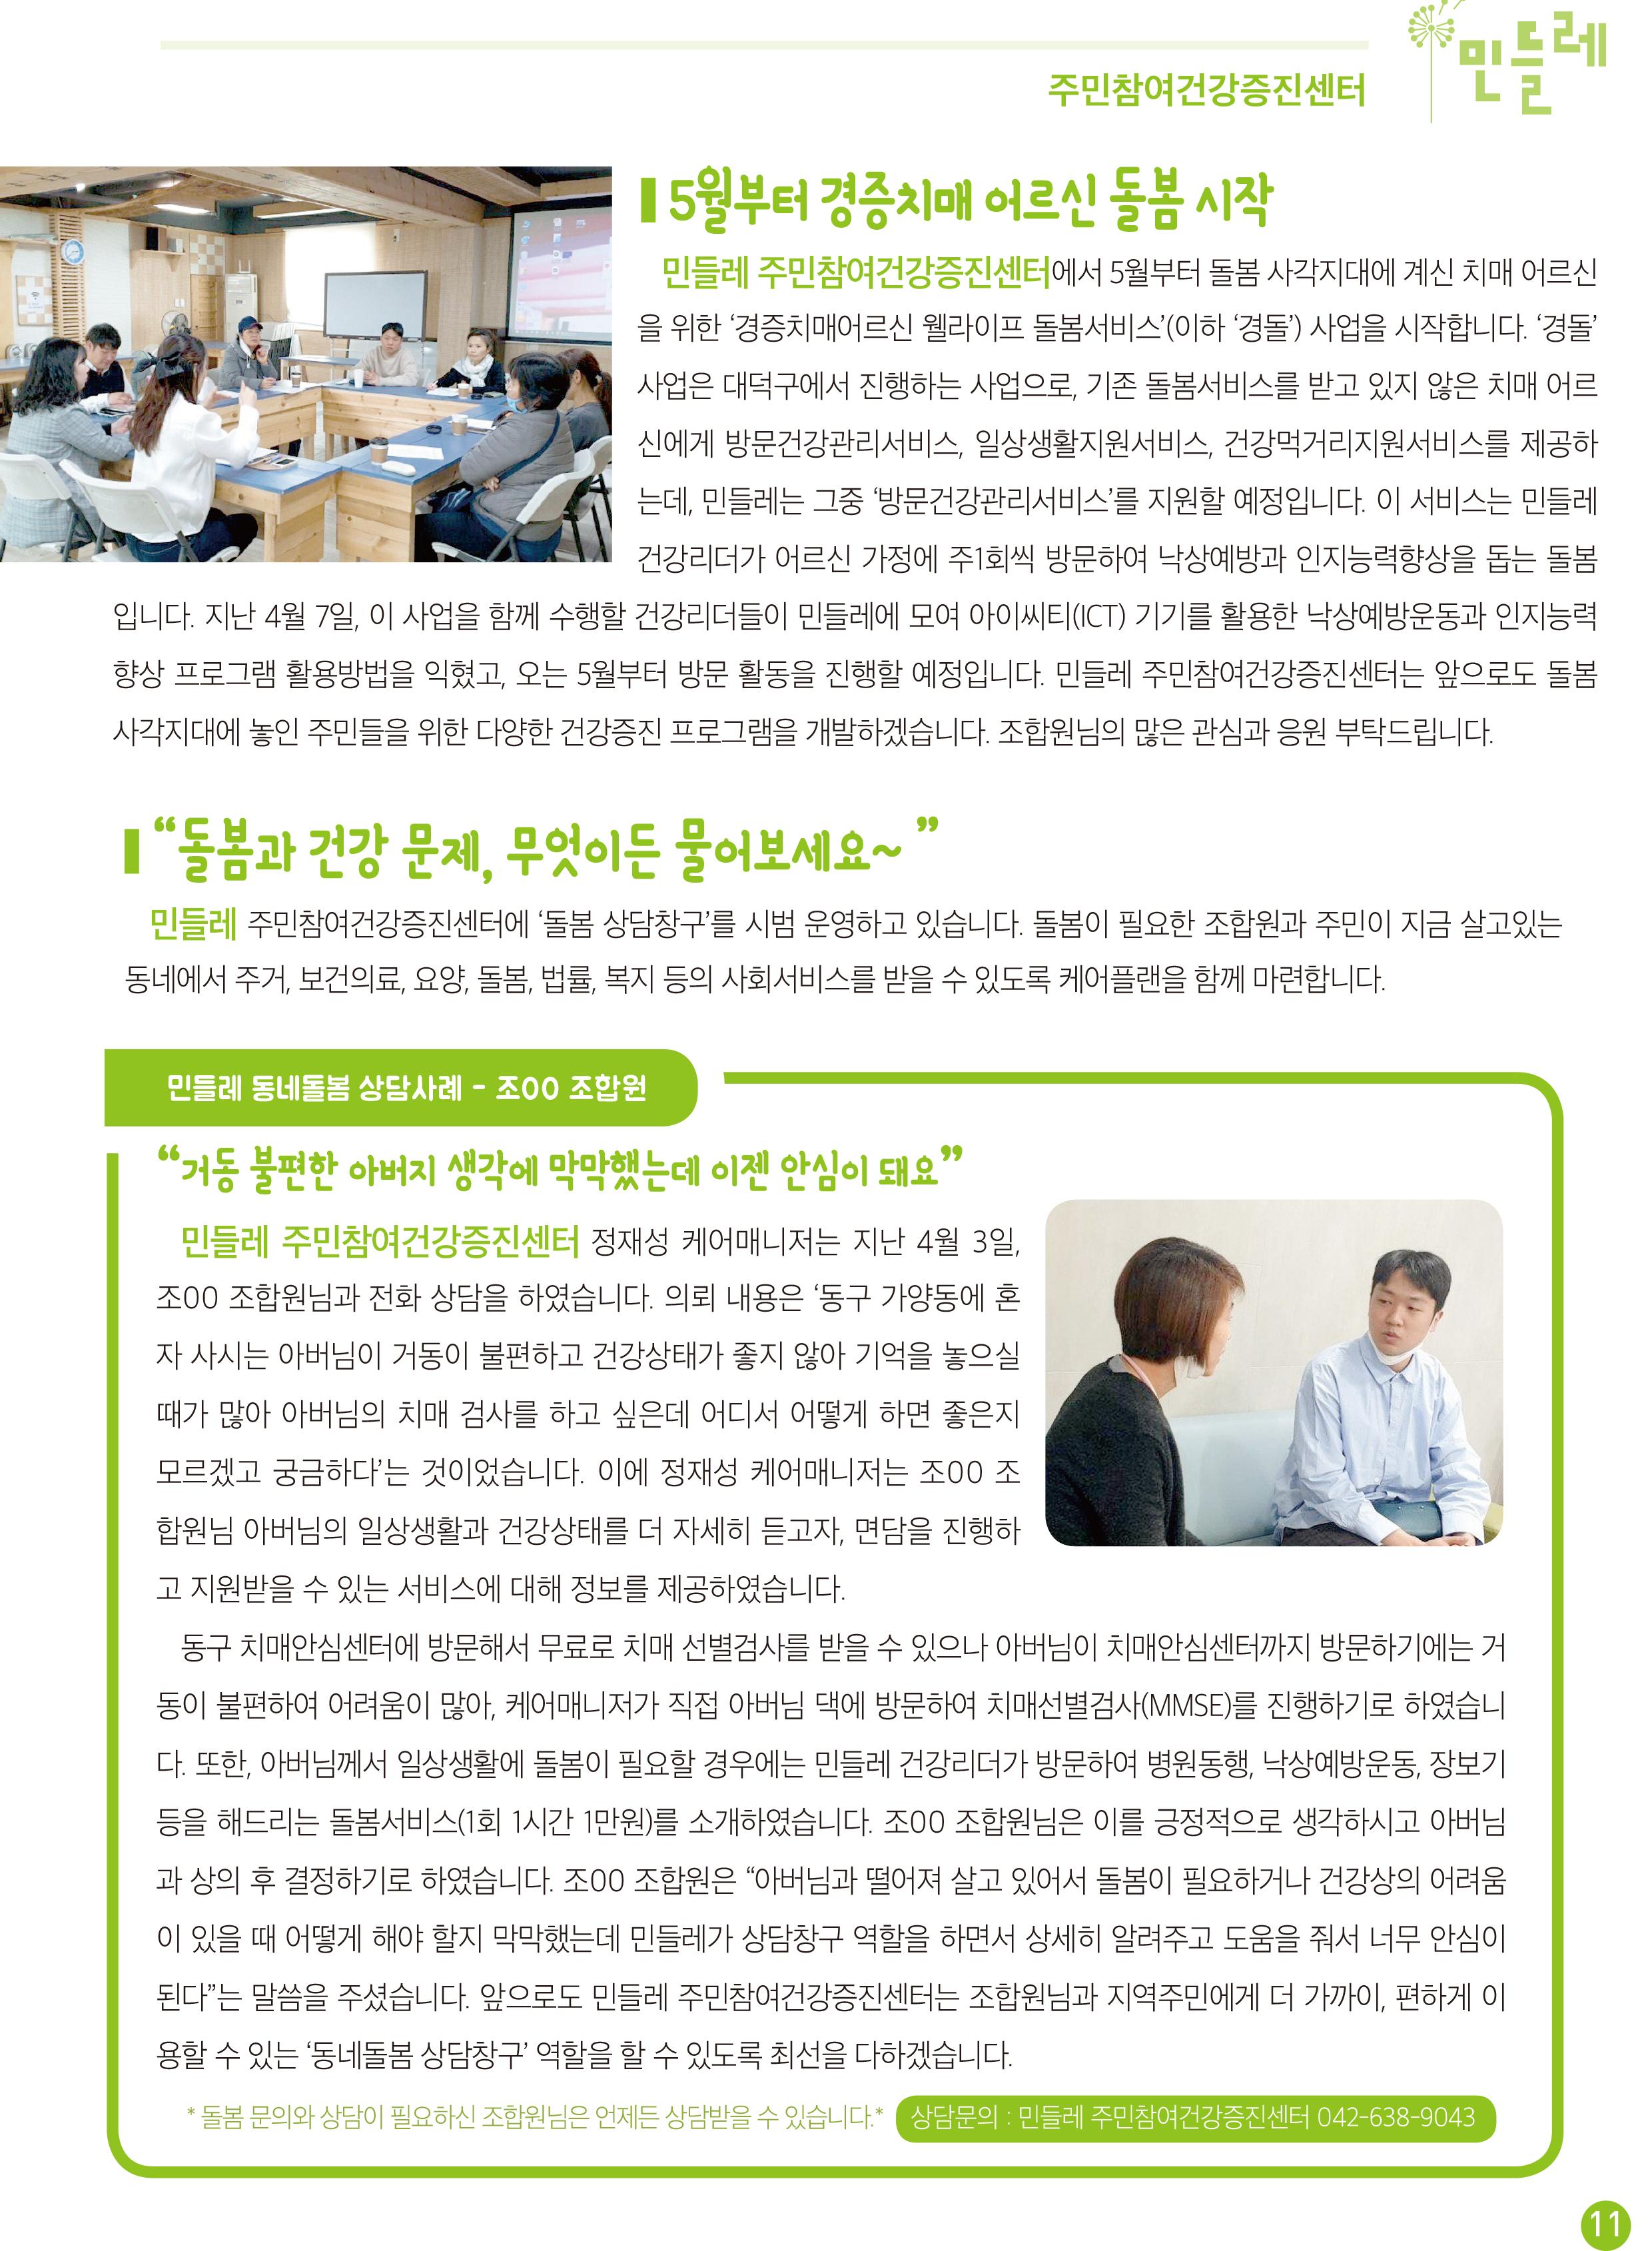 민들레 소식지 5월호 _ 시안(최종)-11.jpg